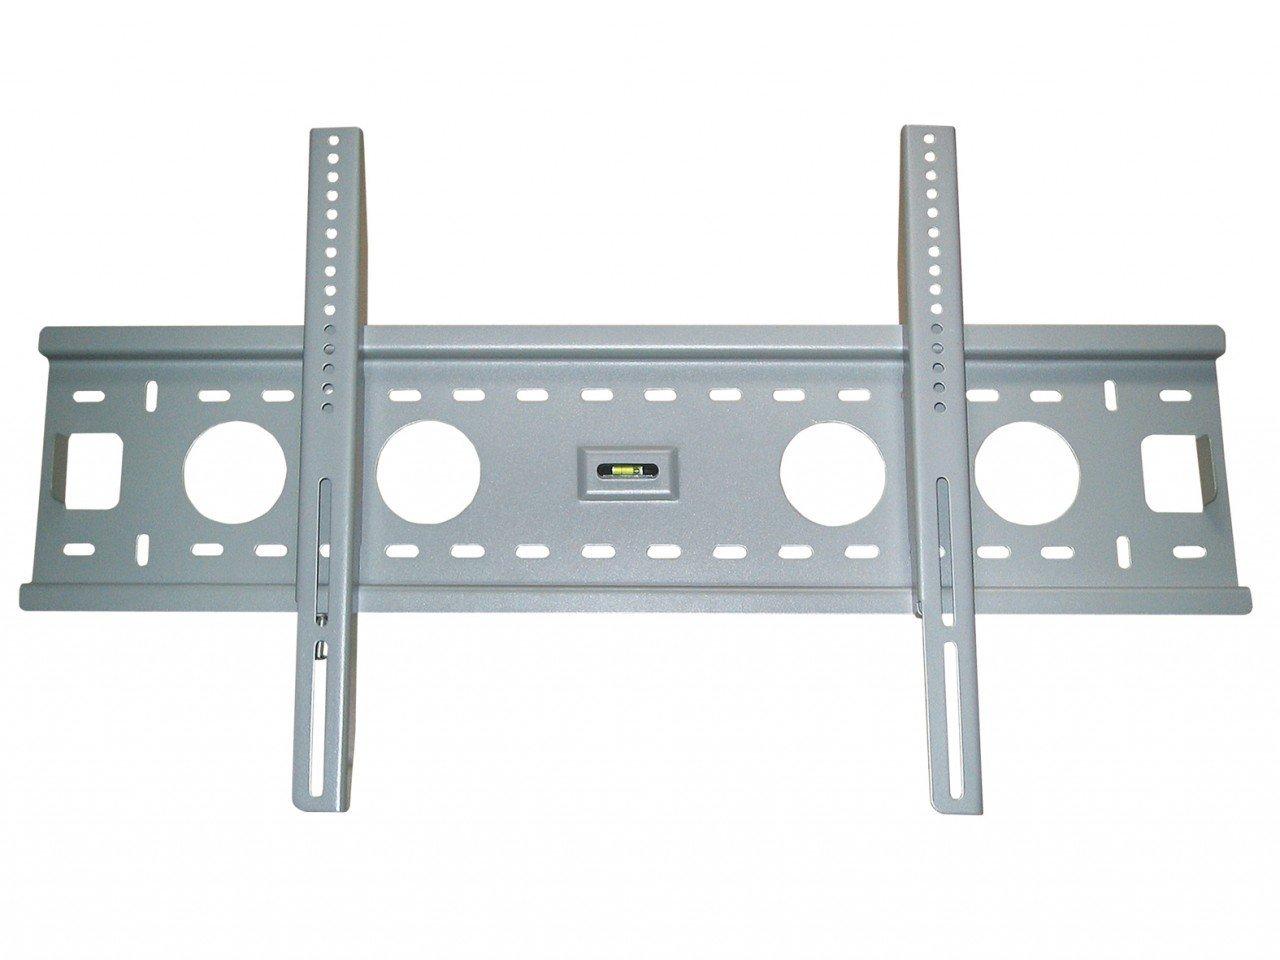 Cheap Dmx Xlr Wiring, find Dmx Xlr Wiring deals on line at Alibaba.com